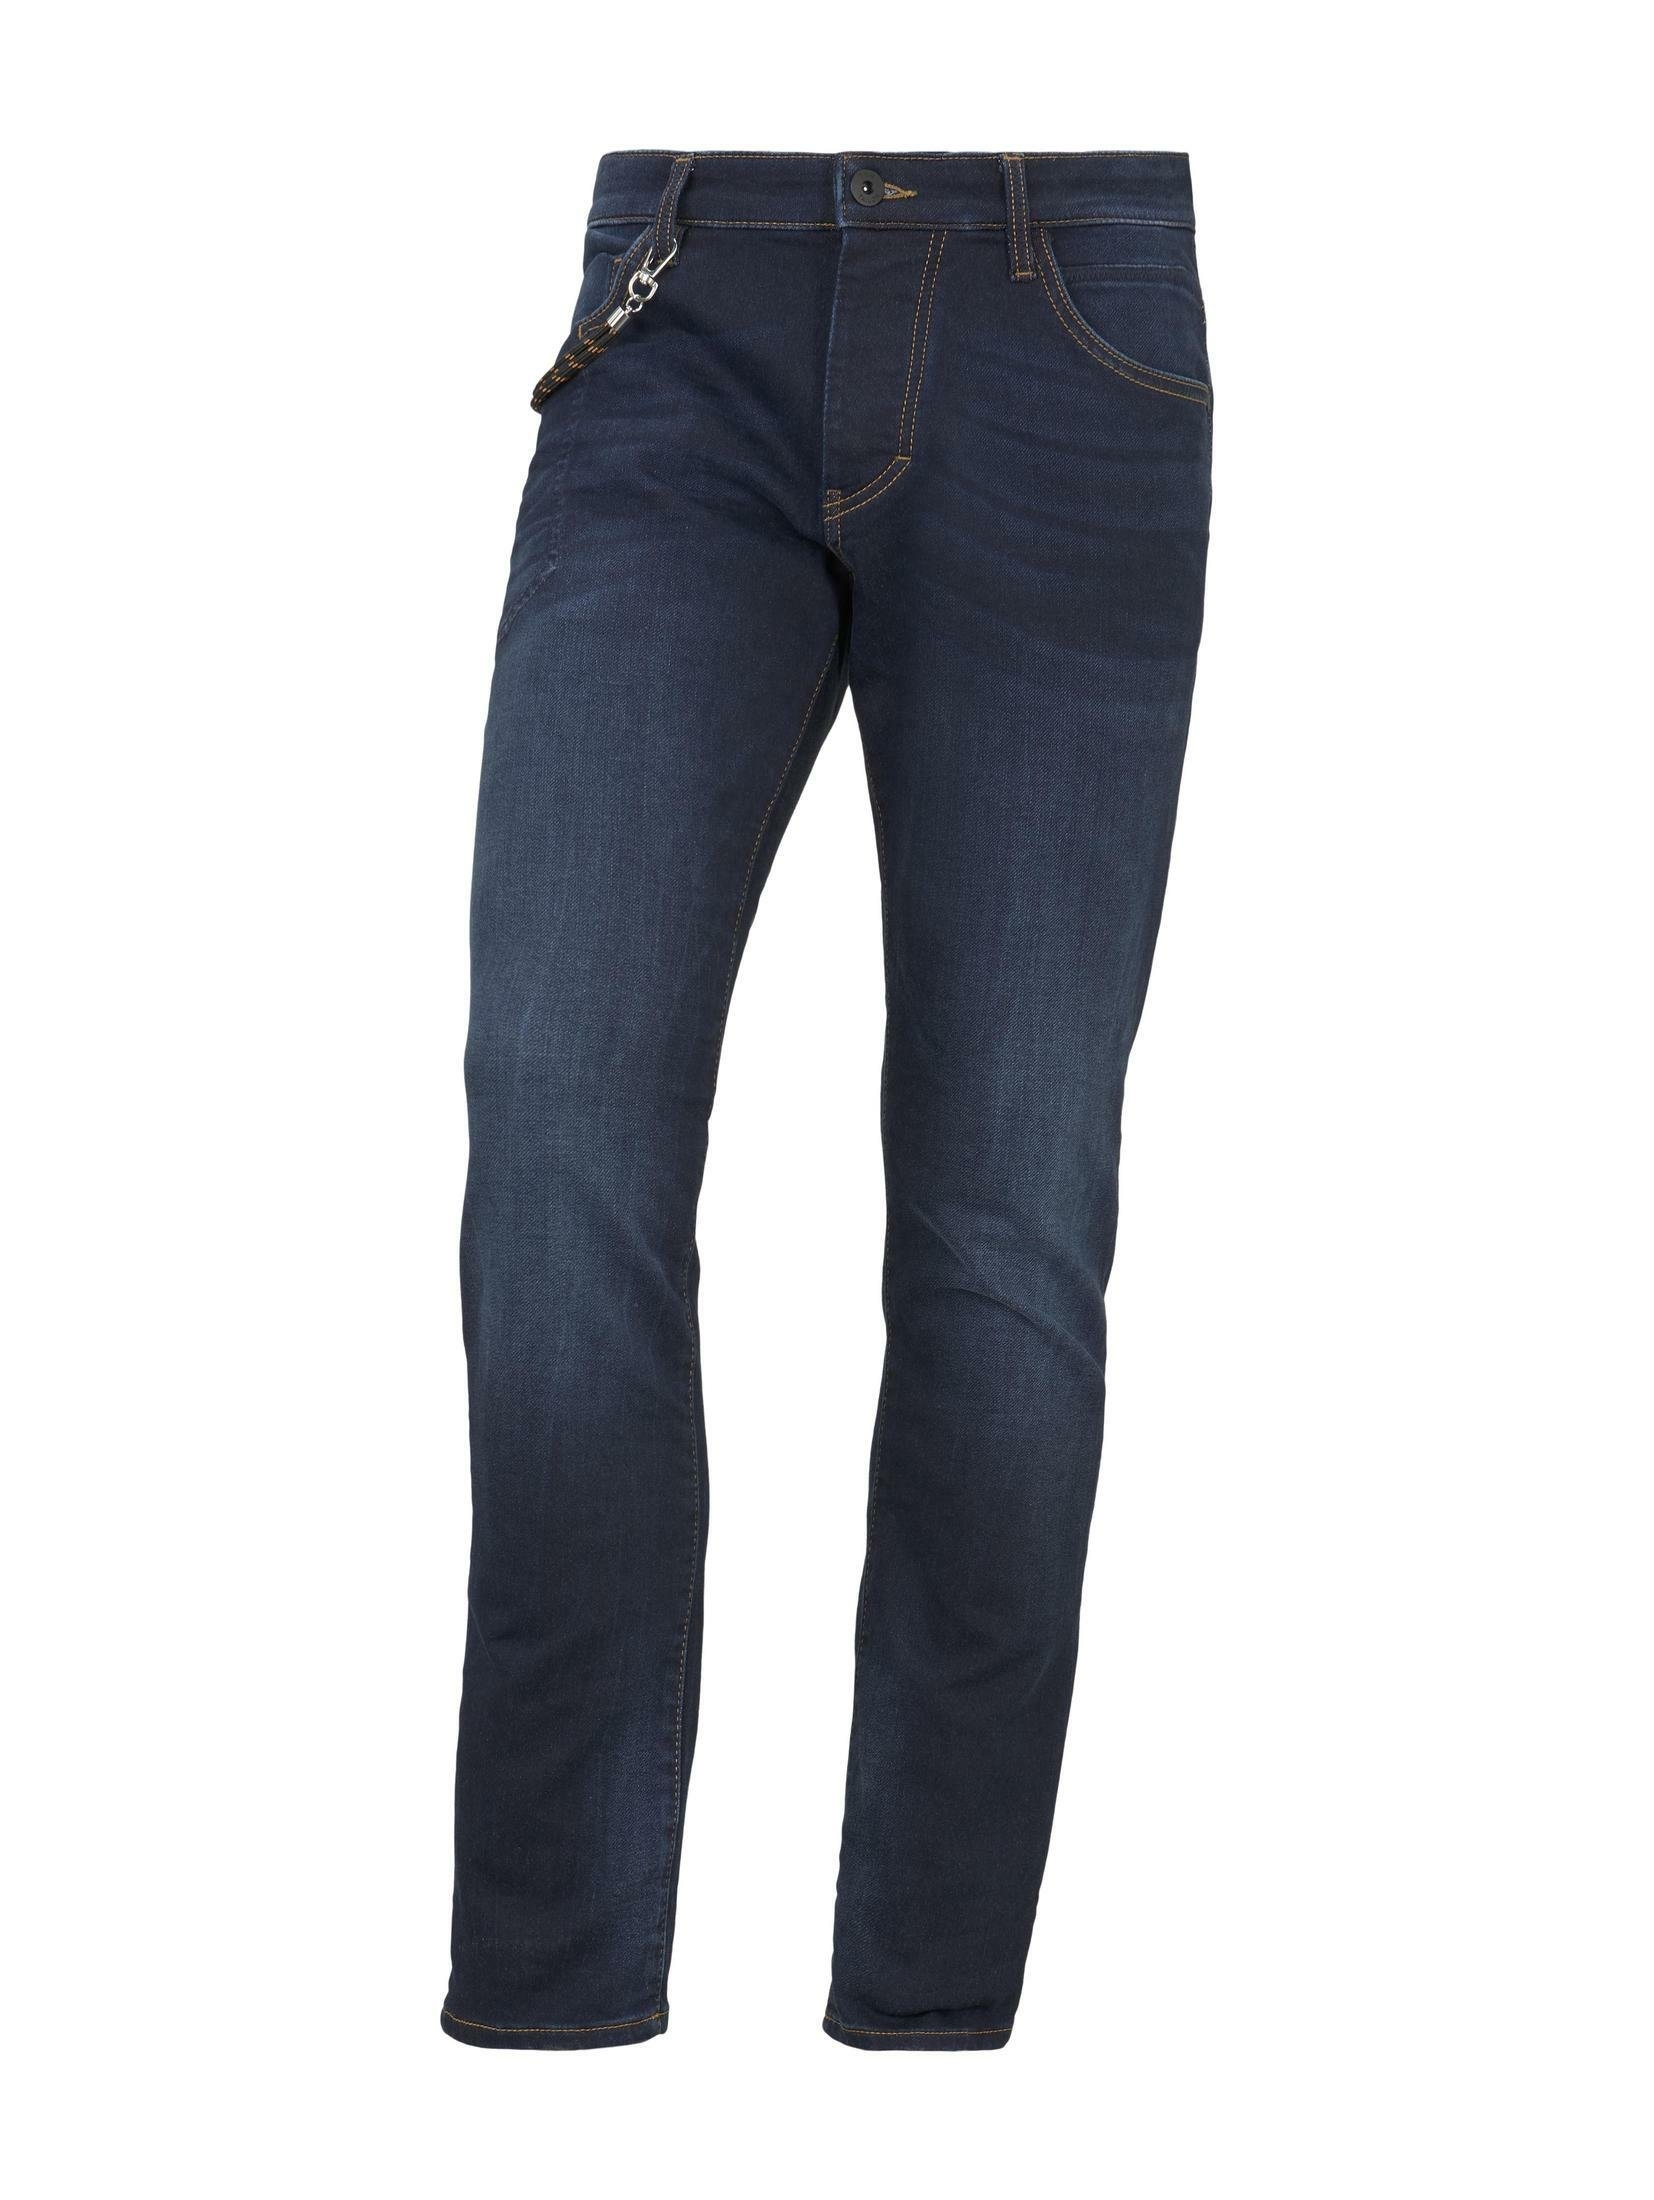 TOM TAILOR slim fit jeans »Josh regular slim jeans« in de webshop van OTTO kopen